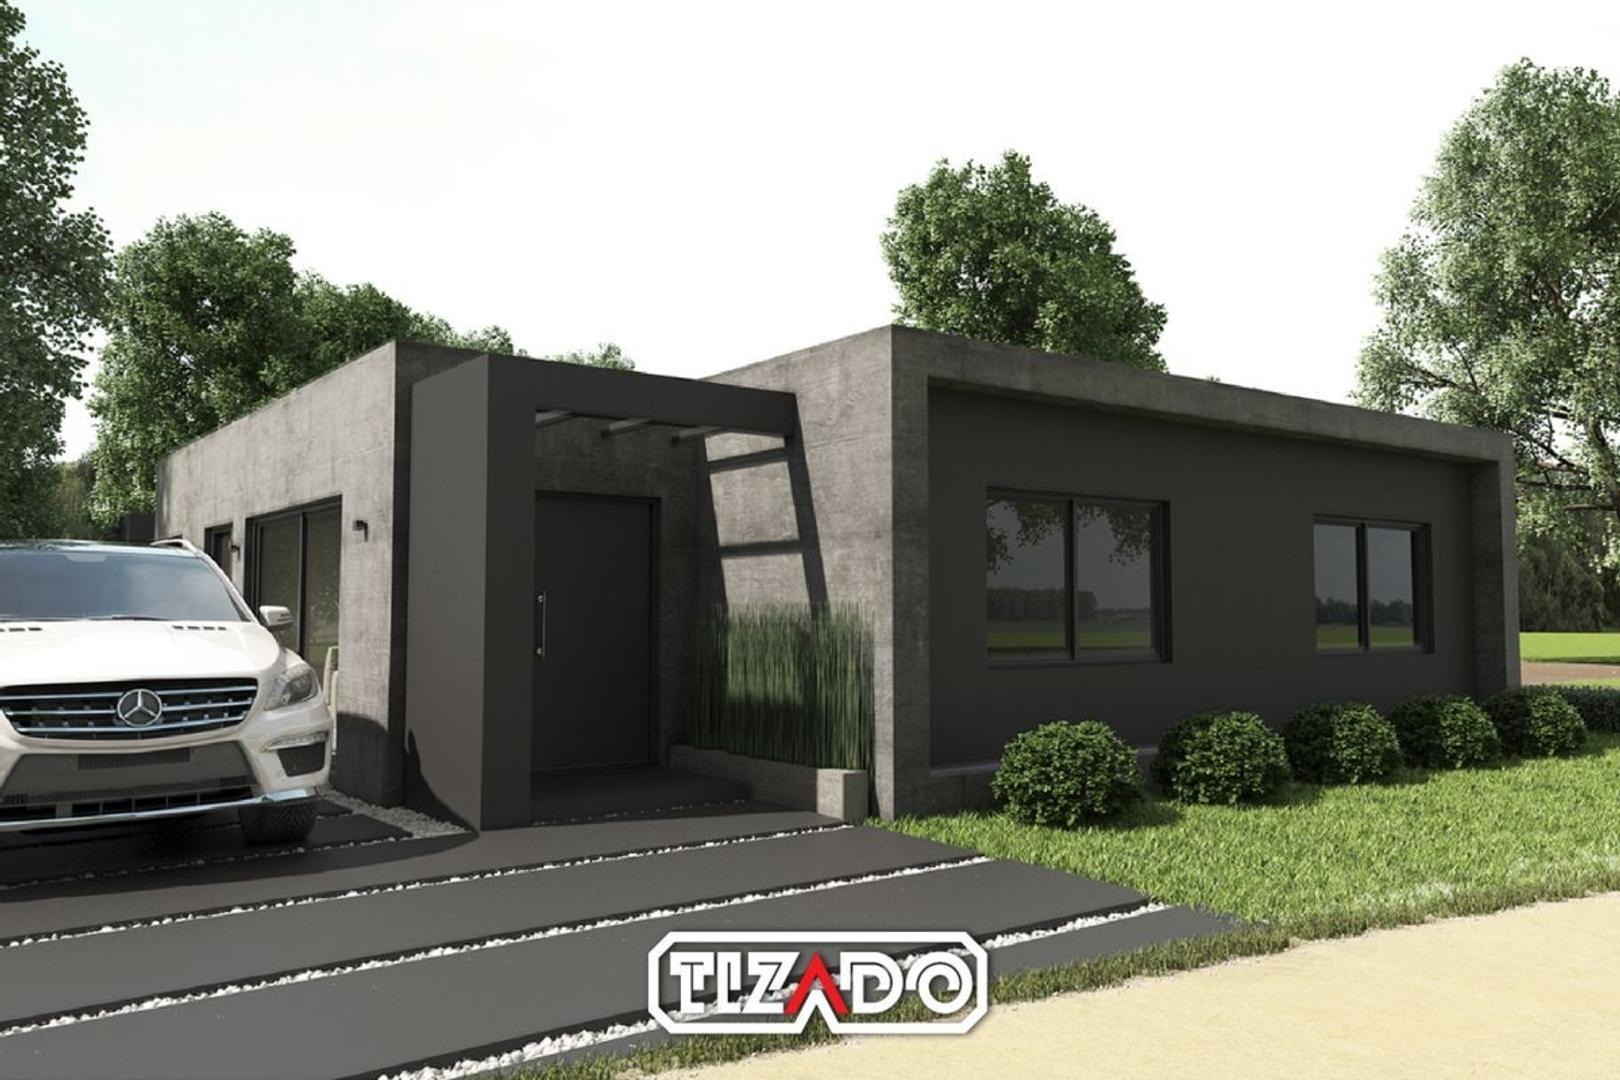 Casa  en Venta ubicado en La Cañada de Pilar, Pilar y Alrededores - PIL3825_LP169233_1